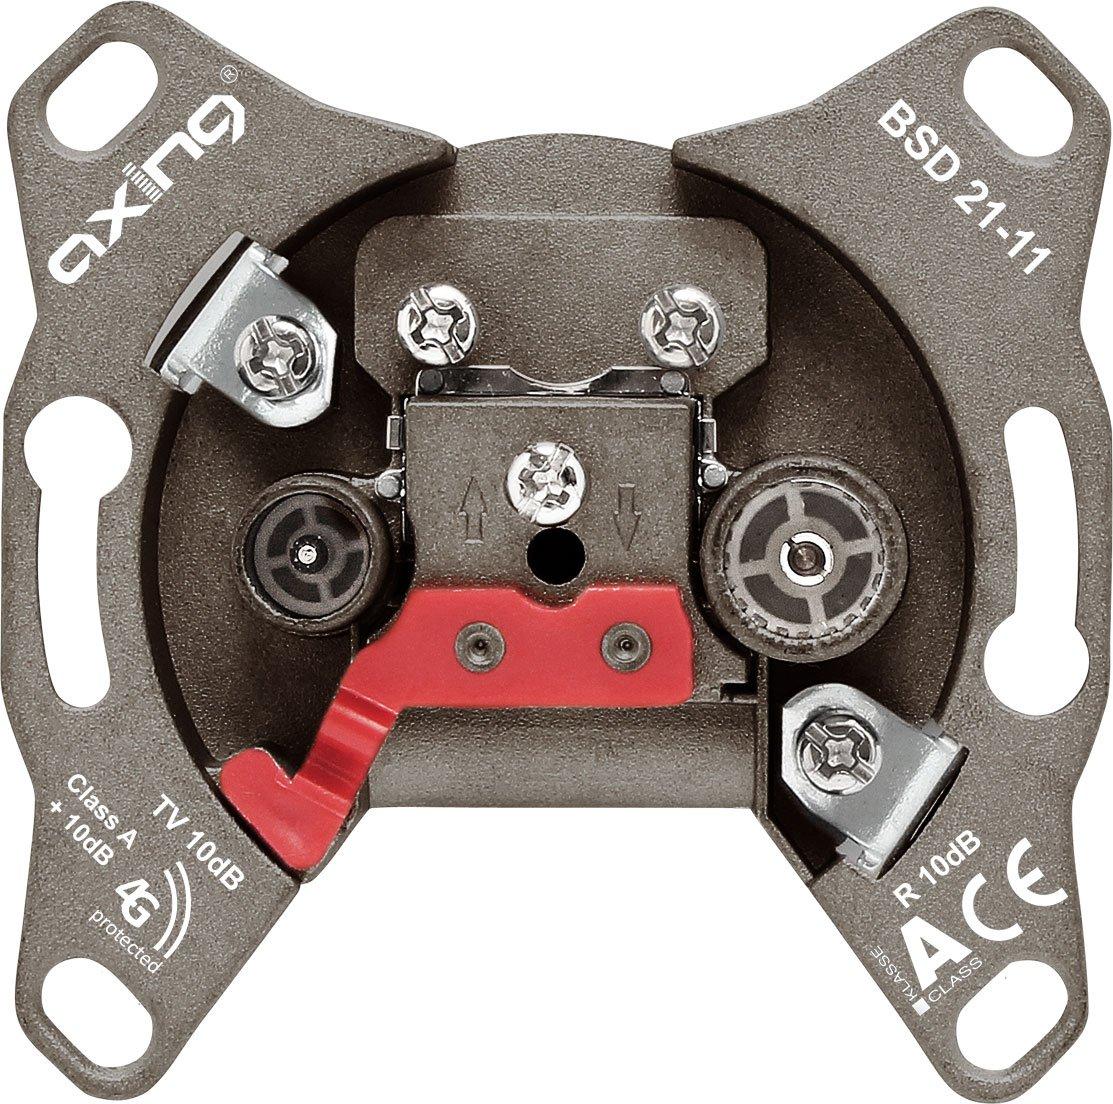 Axing BSD 21-01 Hyperbreitbandsteckdose Einzel und Stichleitungsdose mit DC-Durchlass